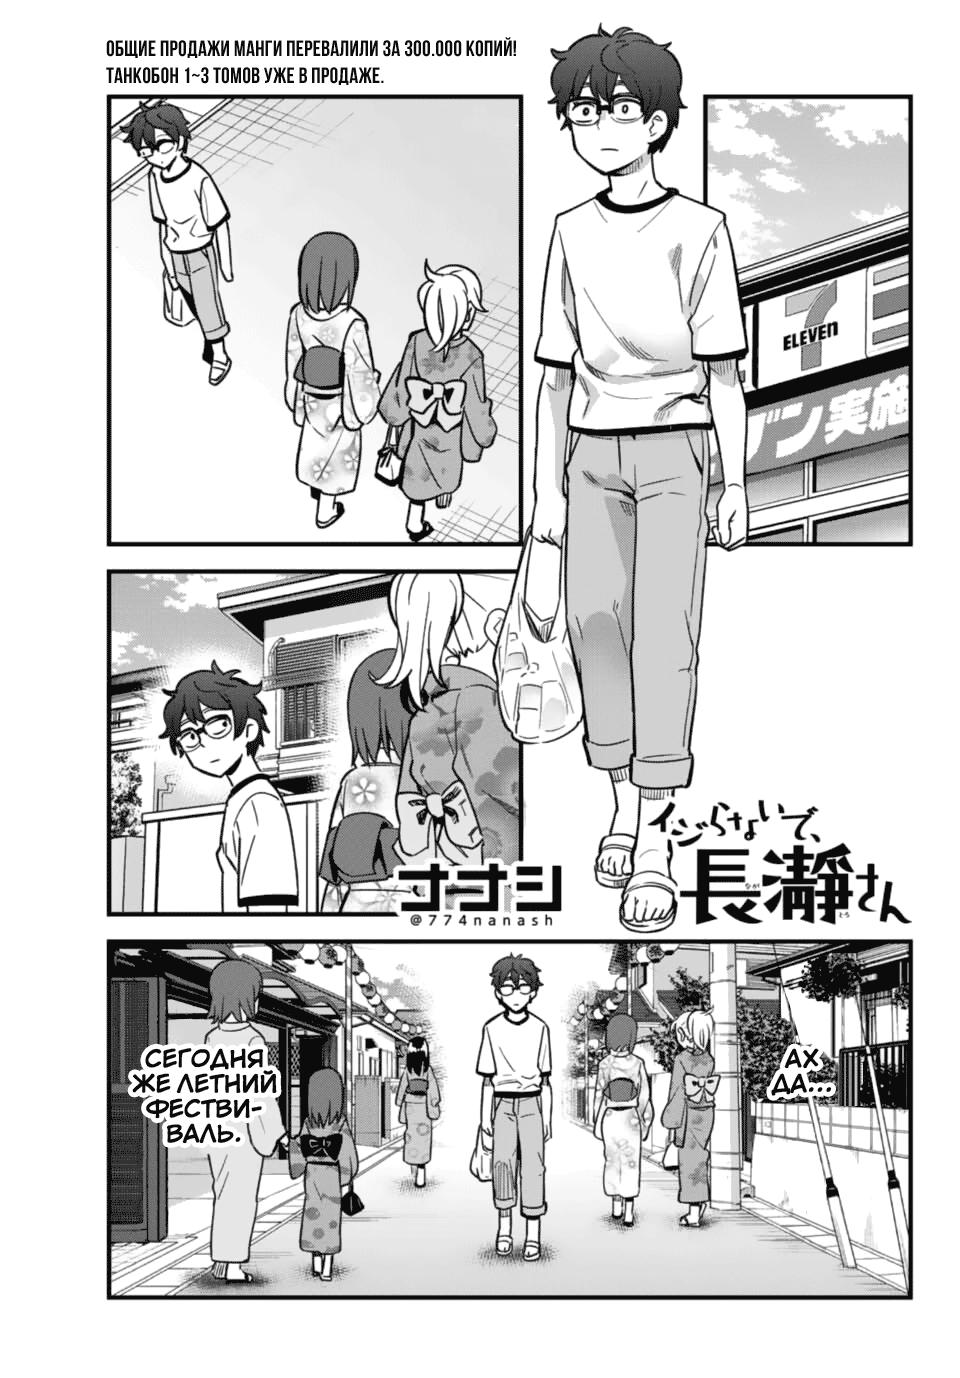 https://r2.ninemanga.com/comics/pic3/48/33520/1271345/1541607345857.png Page 1